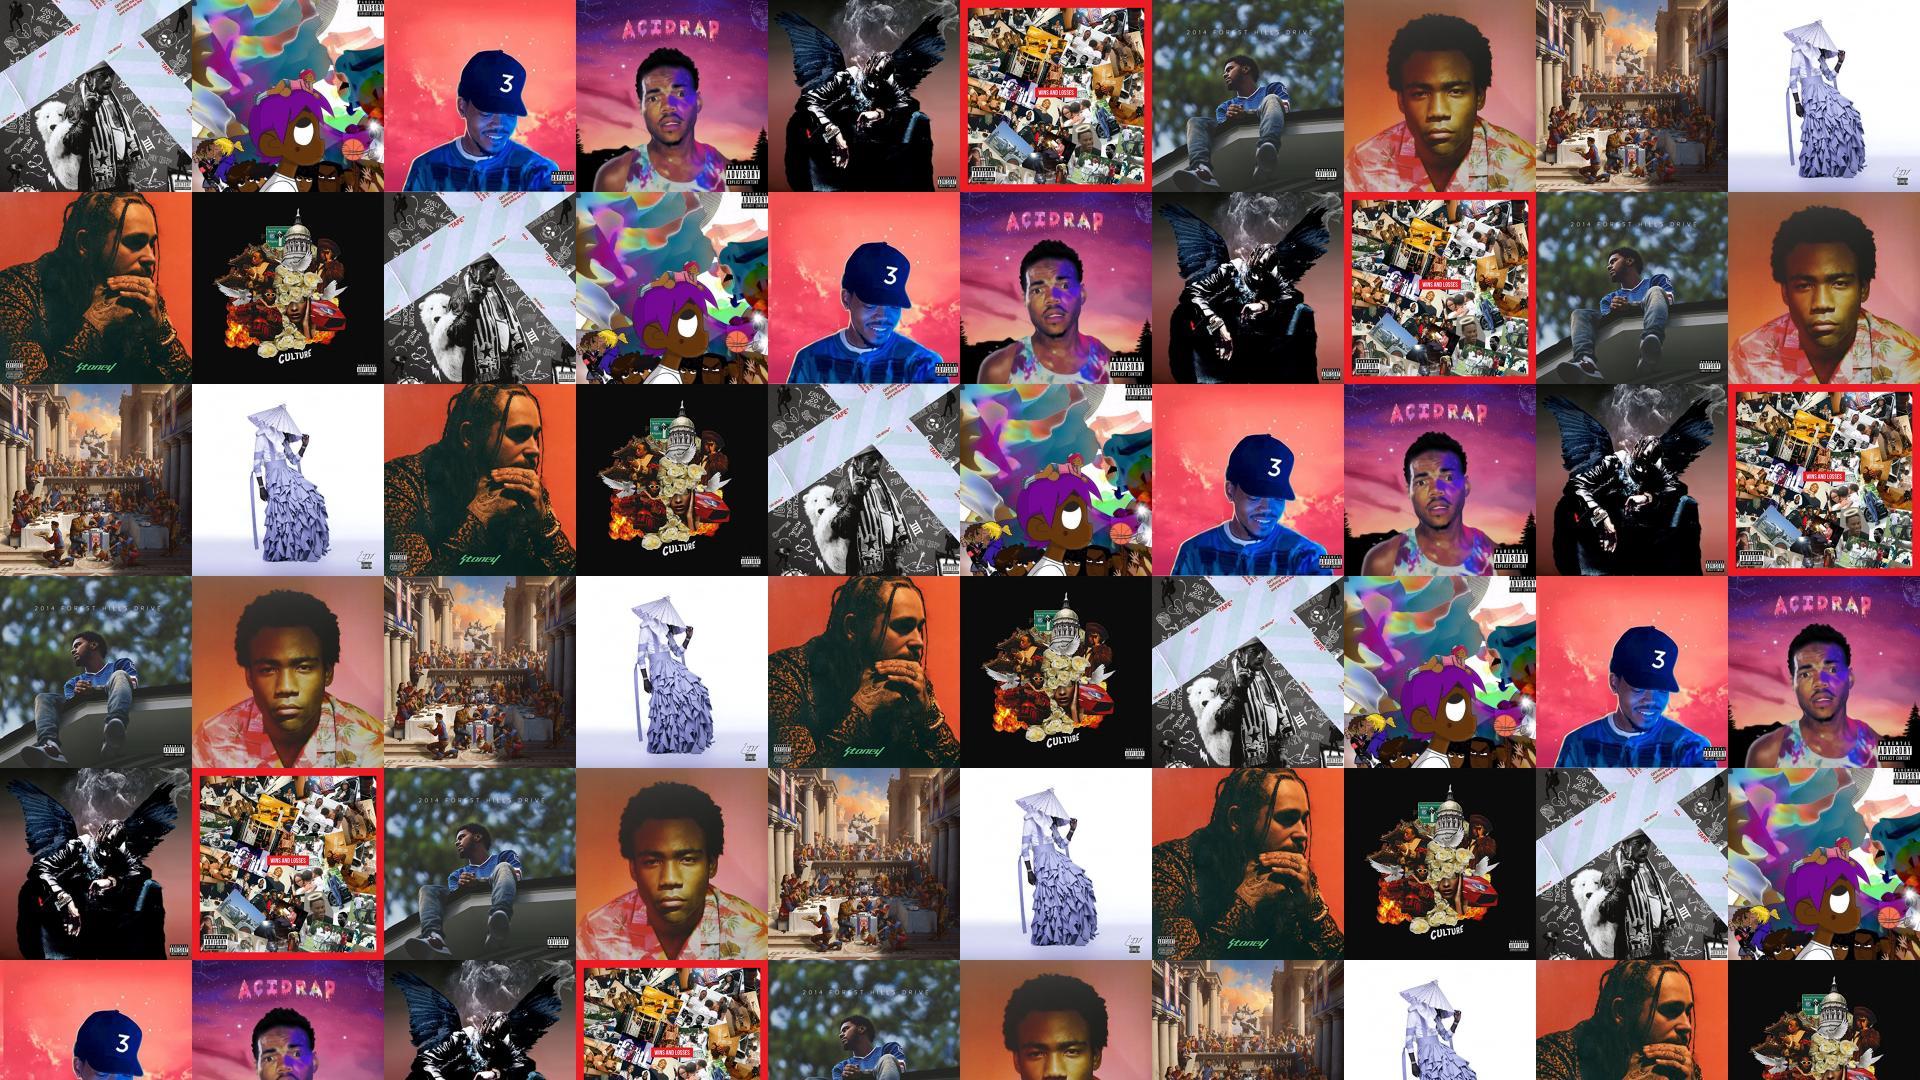 Lil Uzi Vert Lil Uzi Vs The Wallpaper Tiled Desktop Wallpaper Lil uzi vert x trippie redd type beat faded wavy trap beat 2020. tiled desktop wallpaper